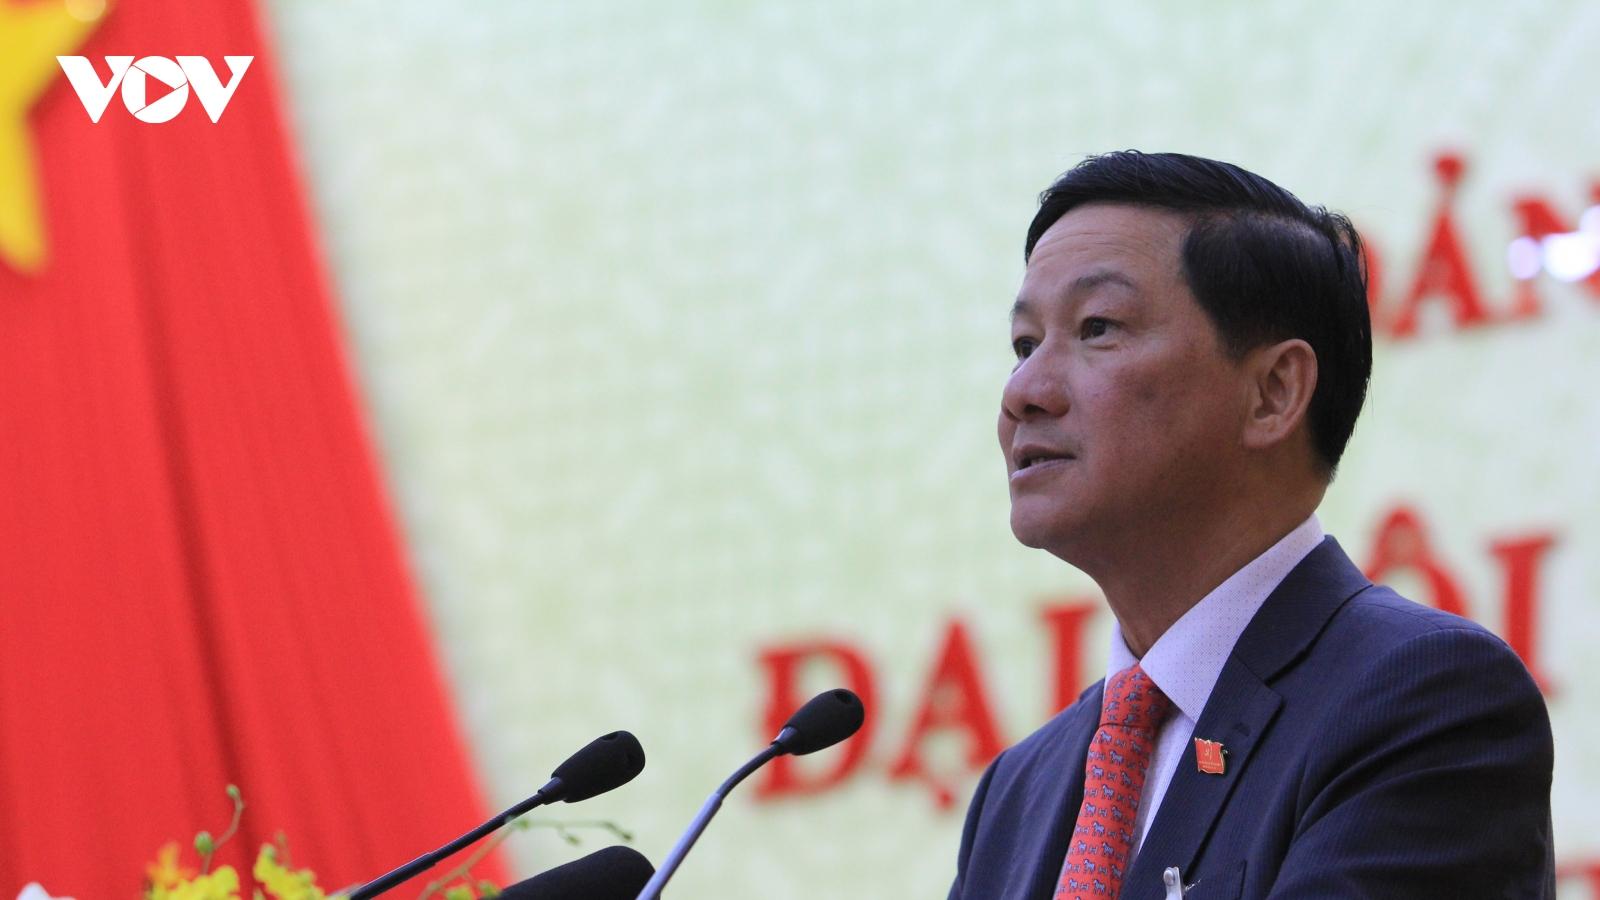 Chân dung tân Bí thư Tỉnh ủy Lâm Đồng Trần Đức Quận